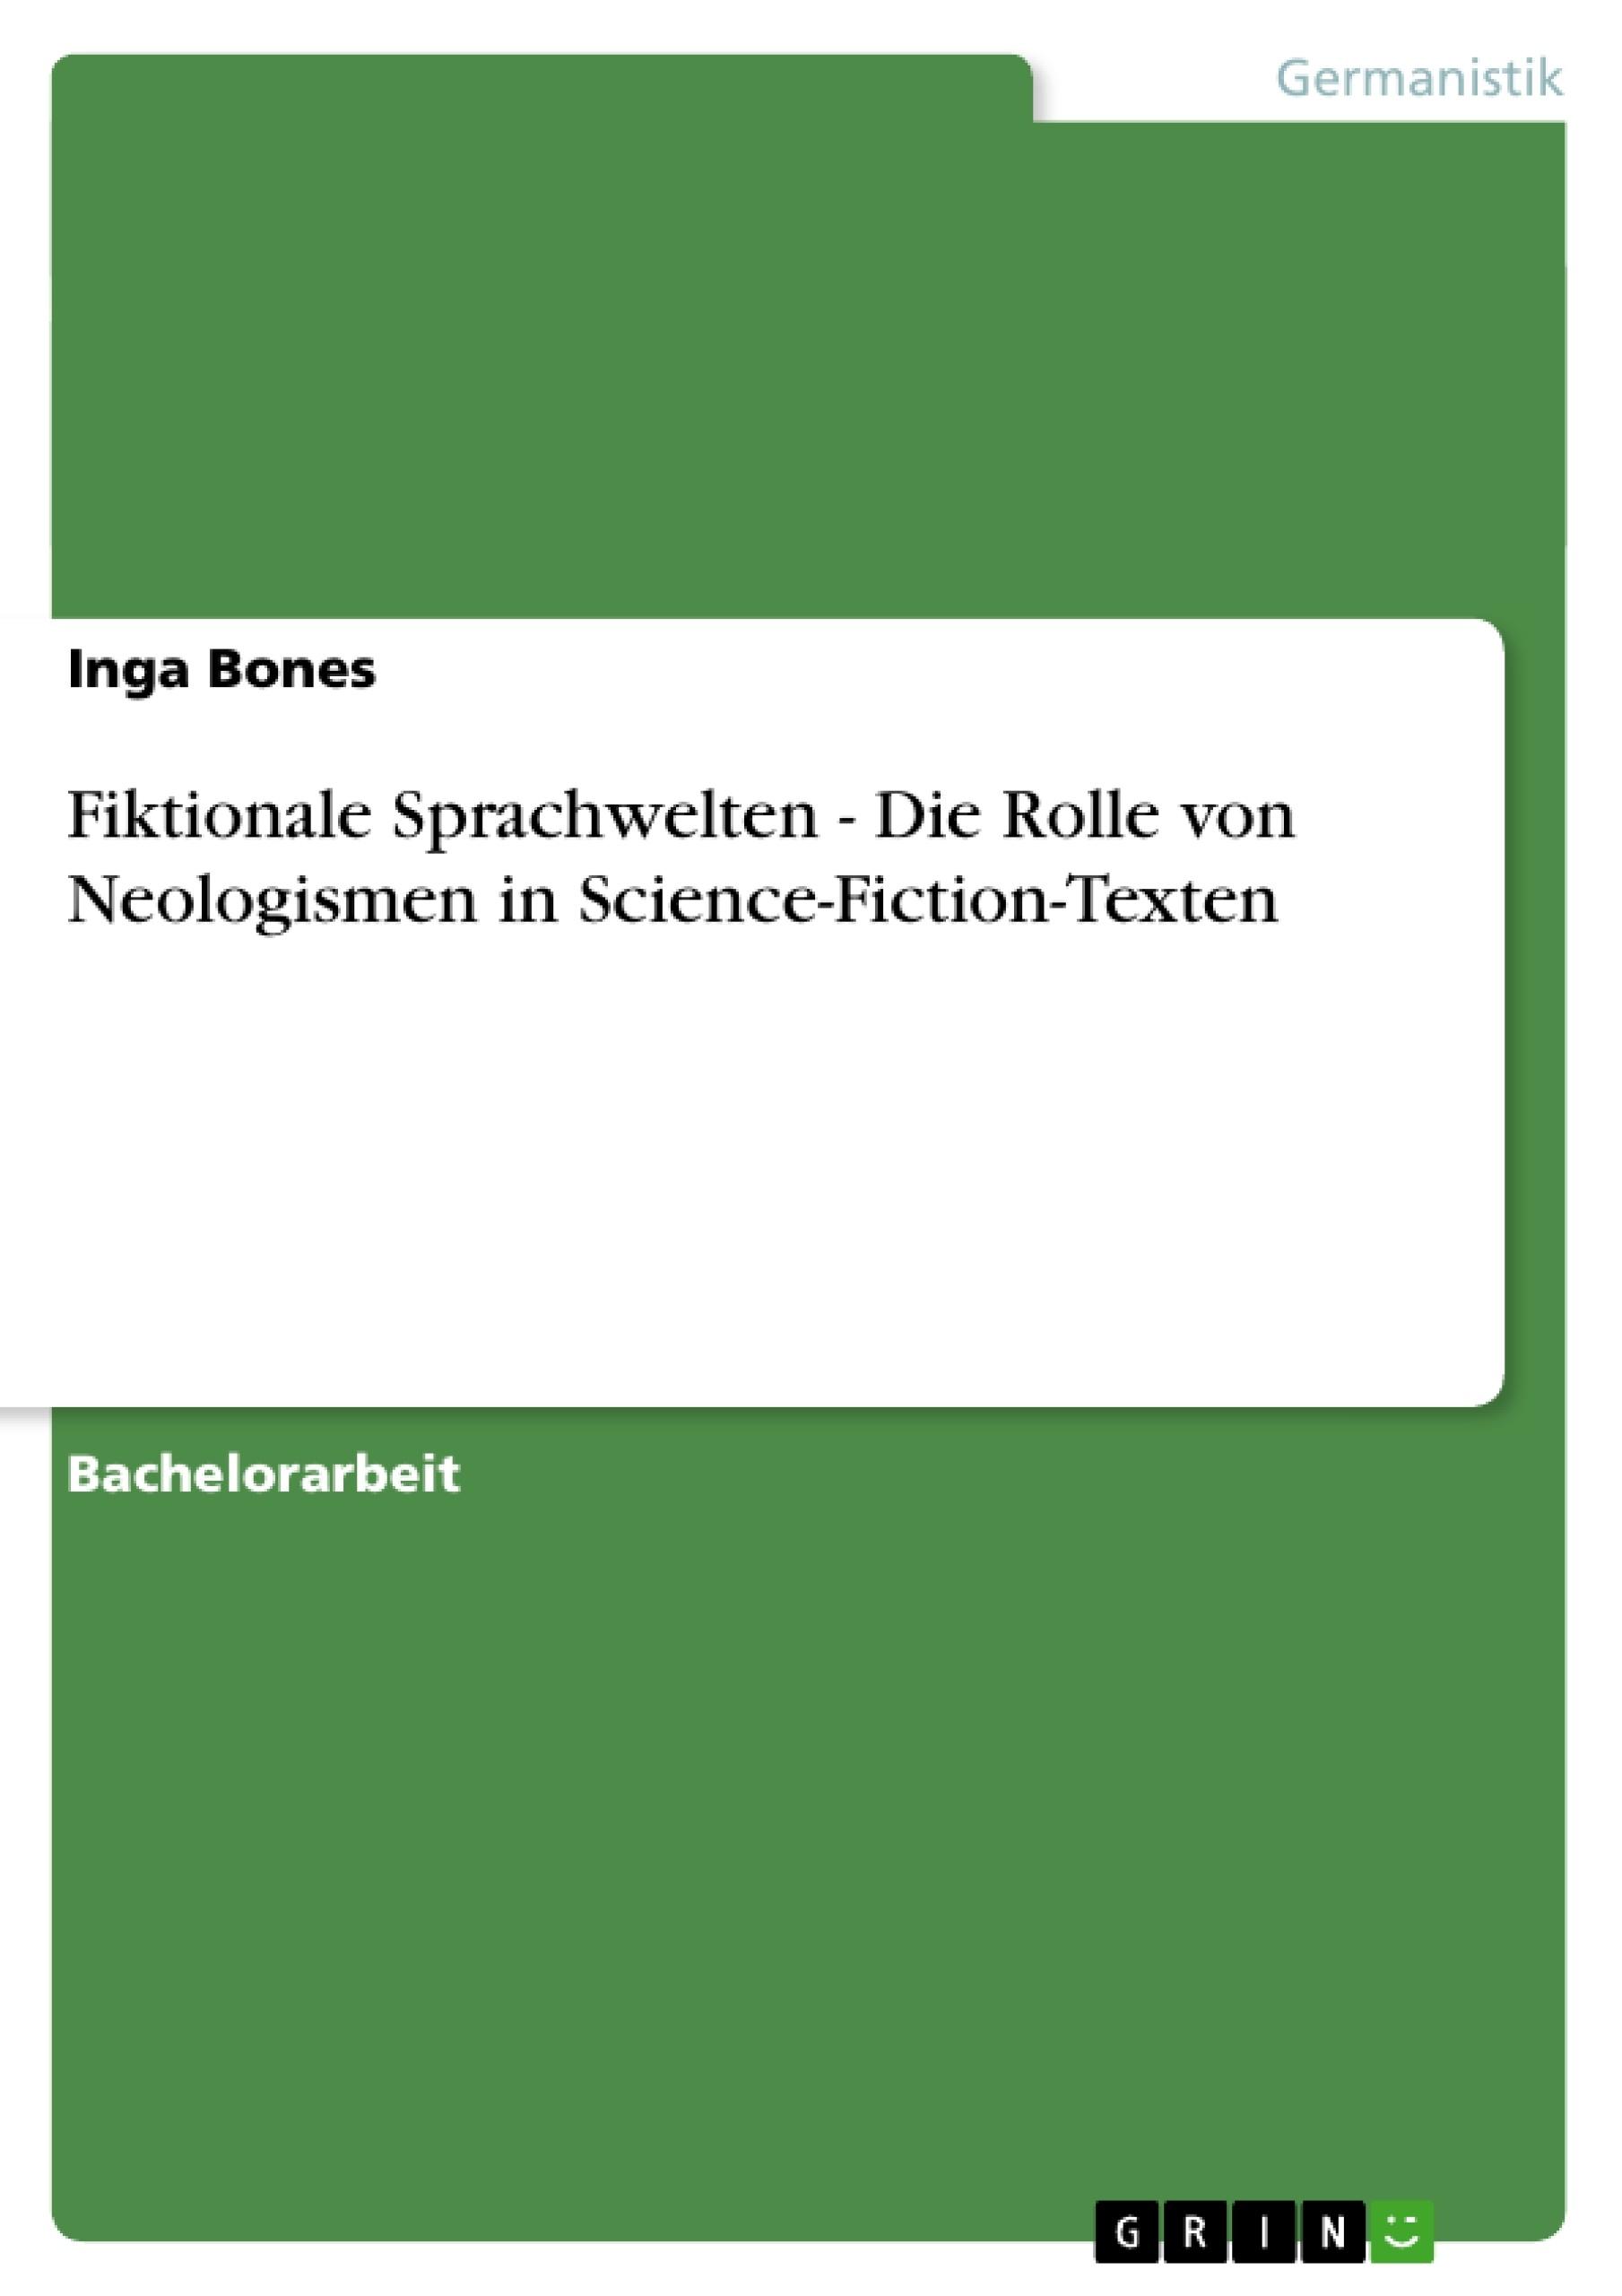 Titel: Fiktionale Sprachwelten - Die Rolle von Neologismen in Science-Fiction-Texten